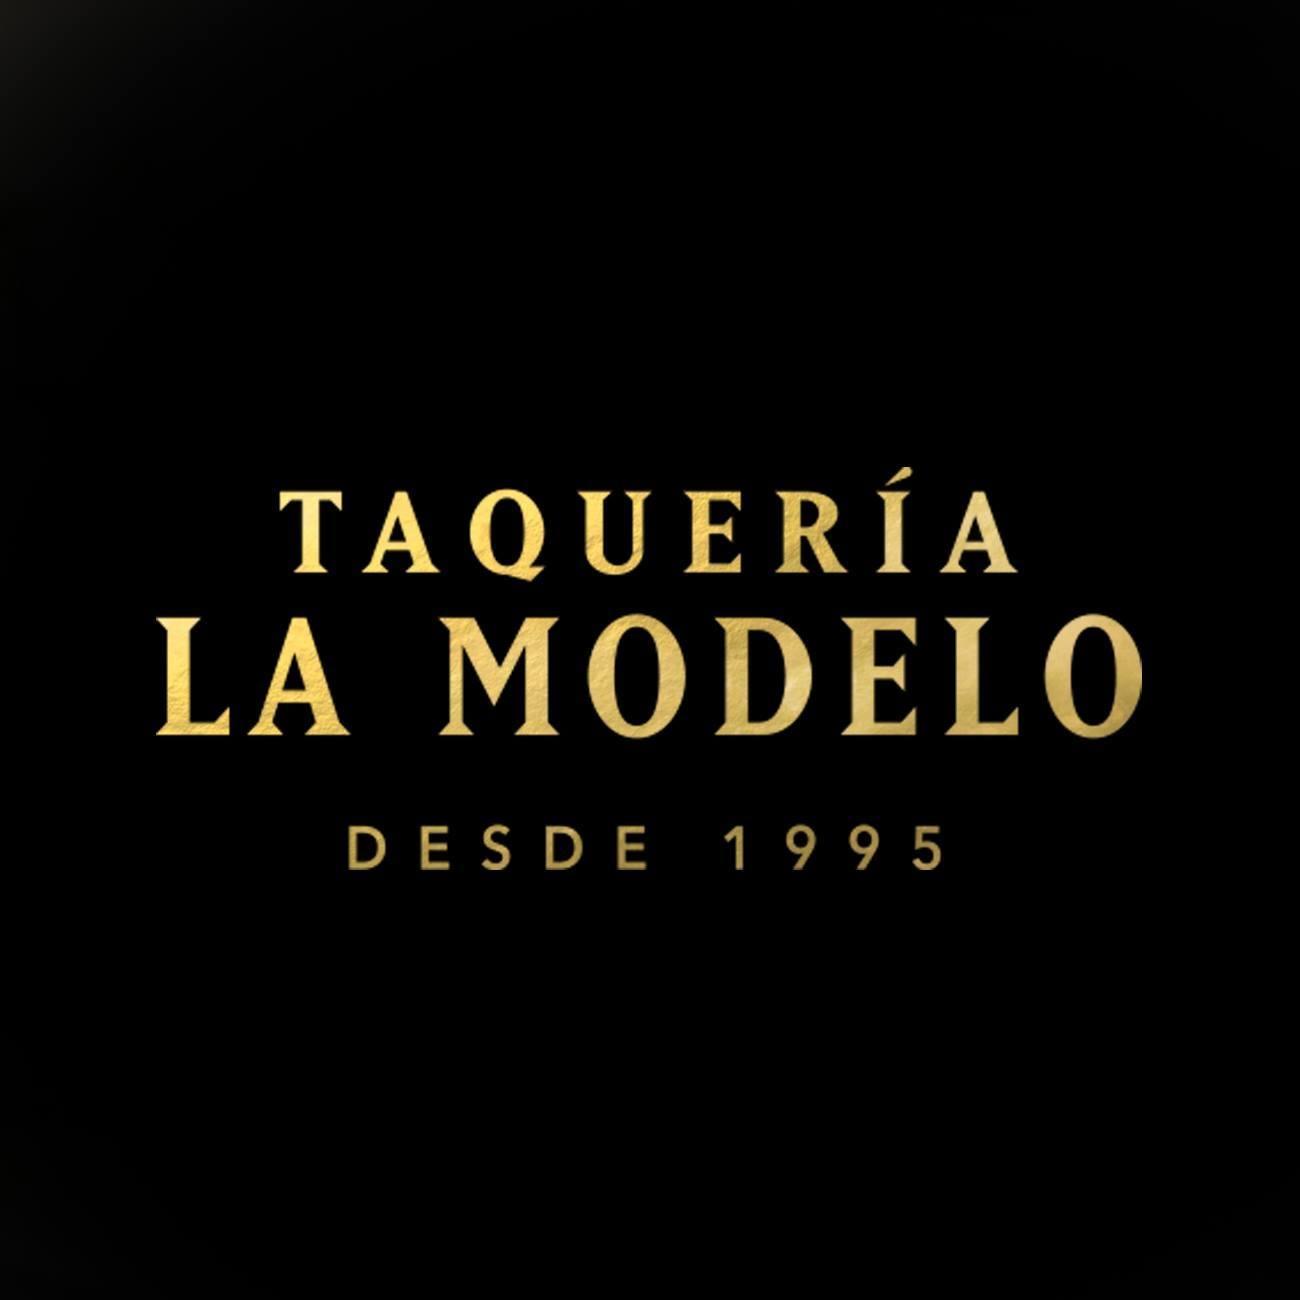 https://0201.nccdn.net/1_2/000/000/0d8/d8b/logo-taqueria-la-modelo.jpeg